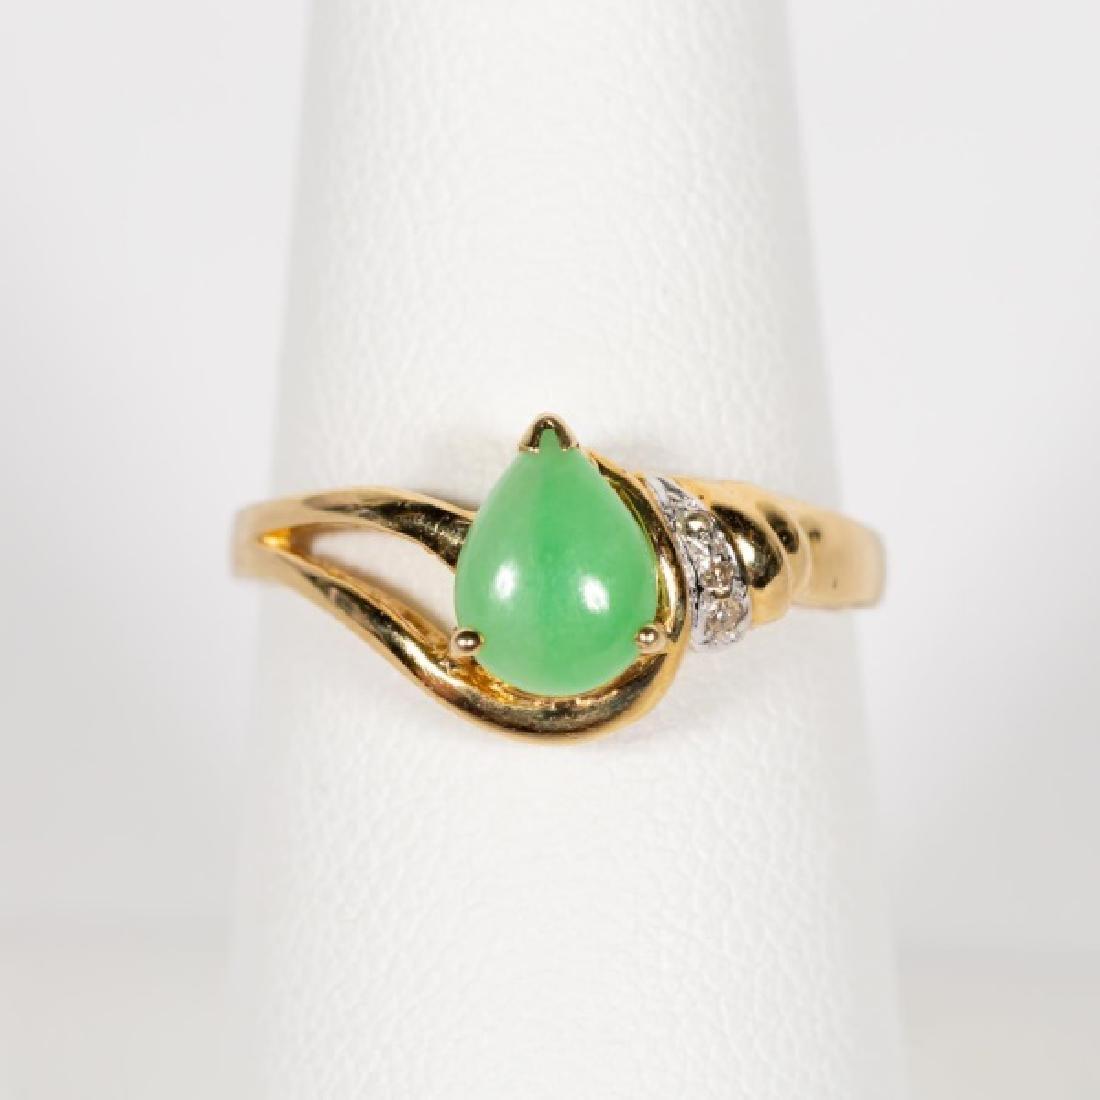 14k Gold, Green Nephrite, & Diamond Ring